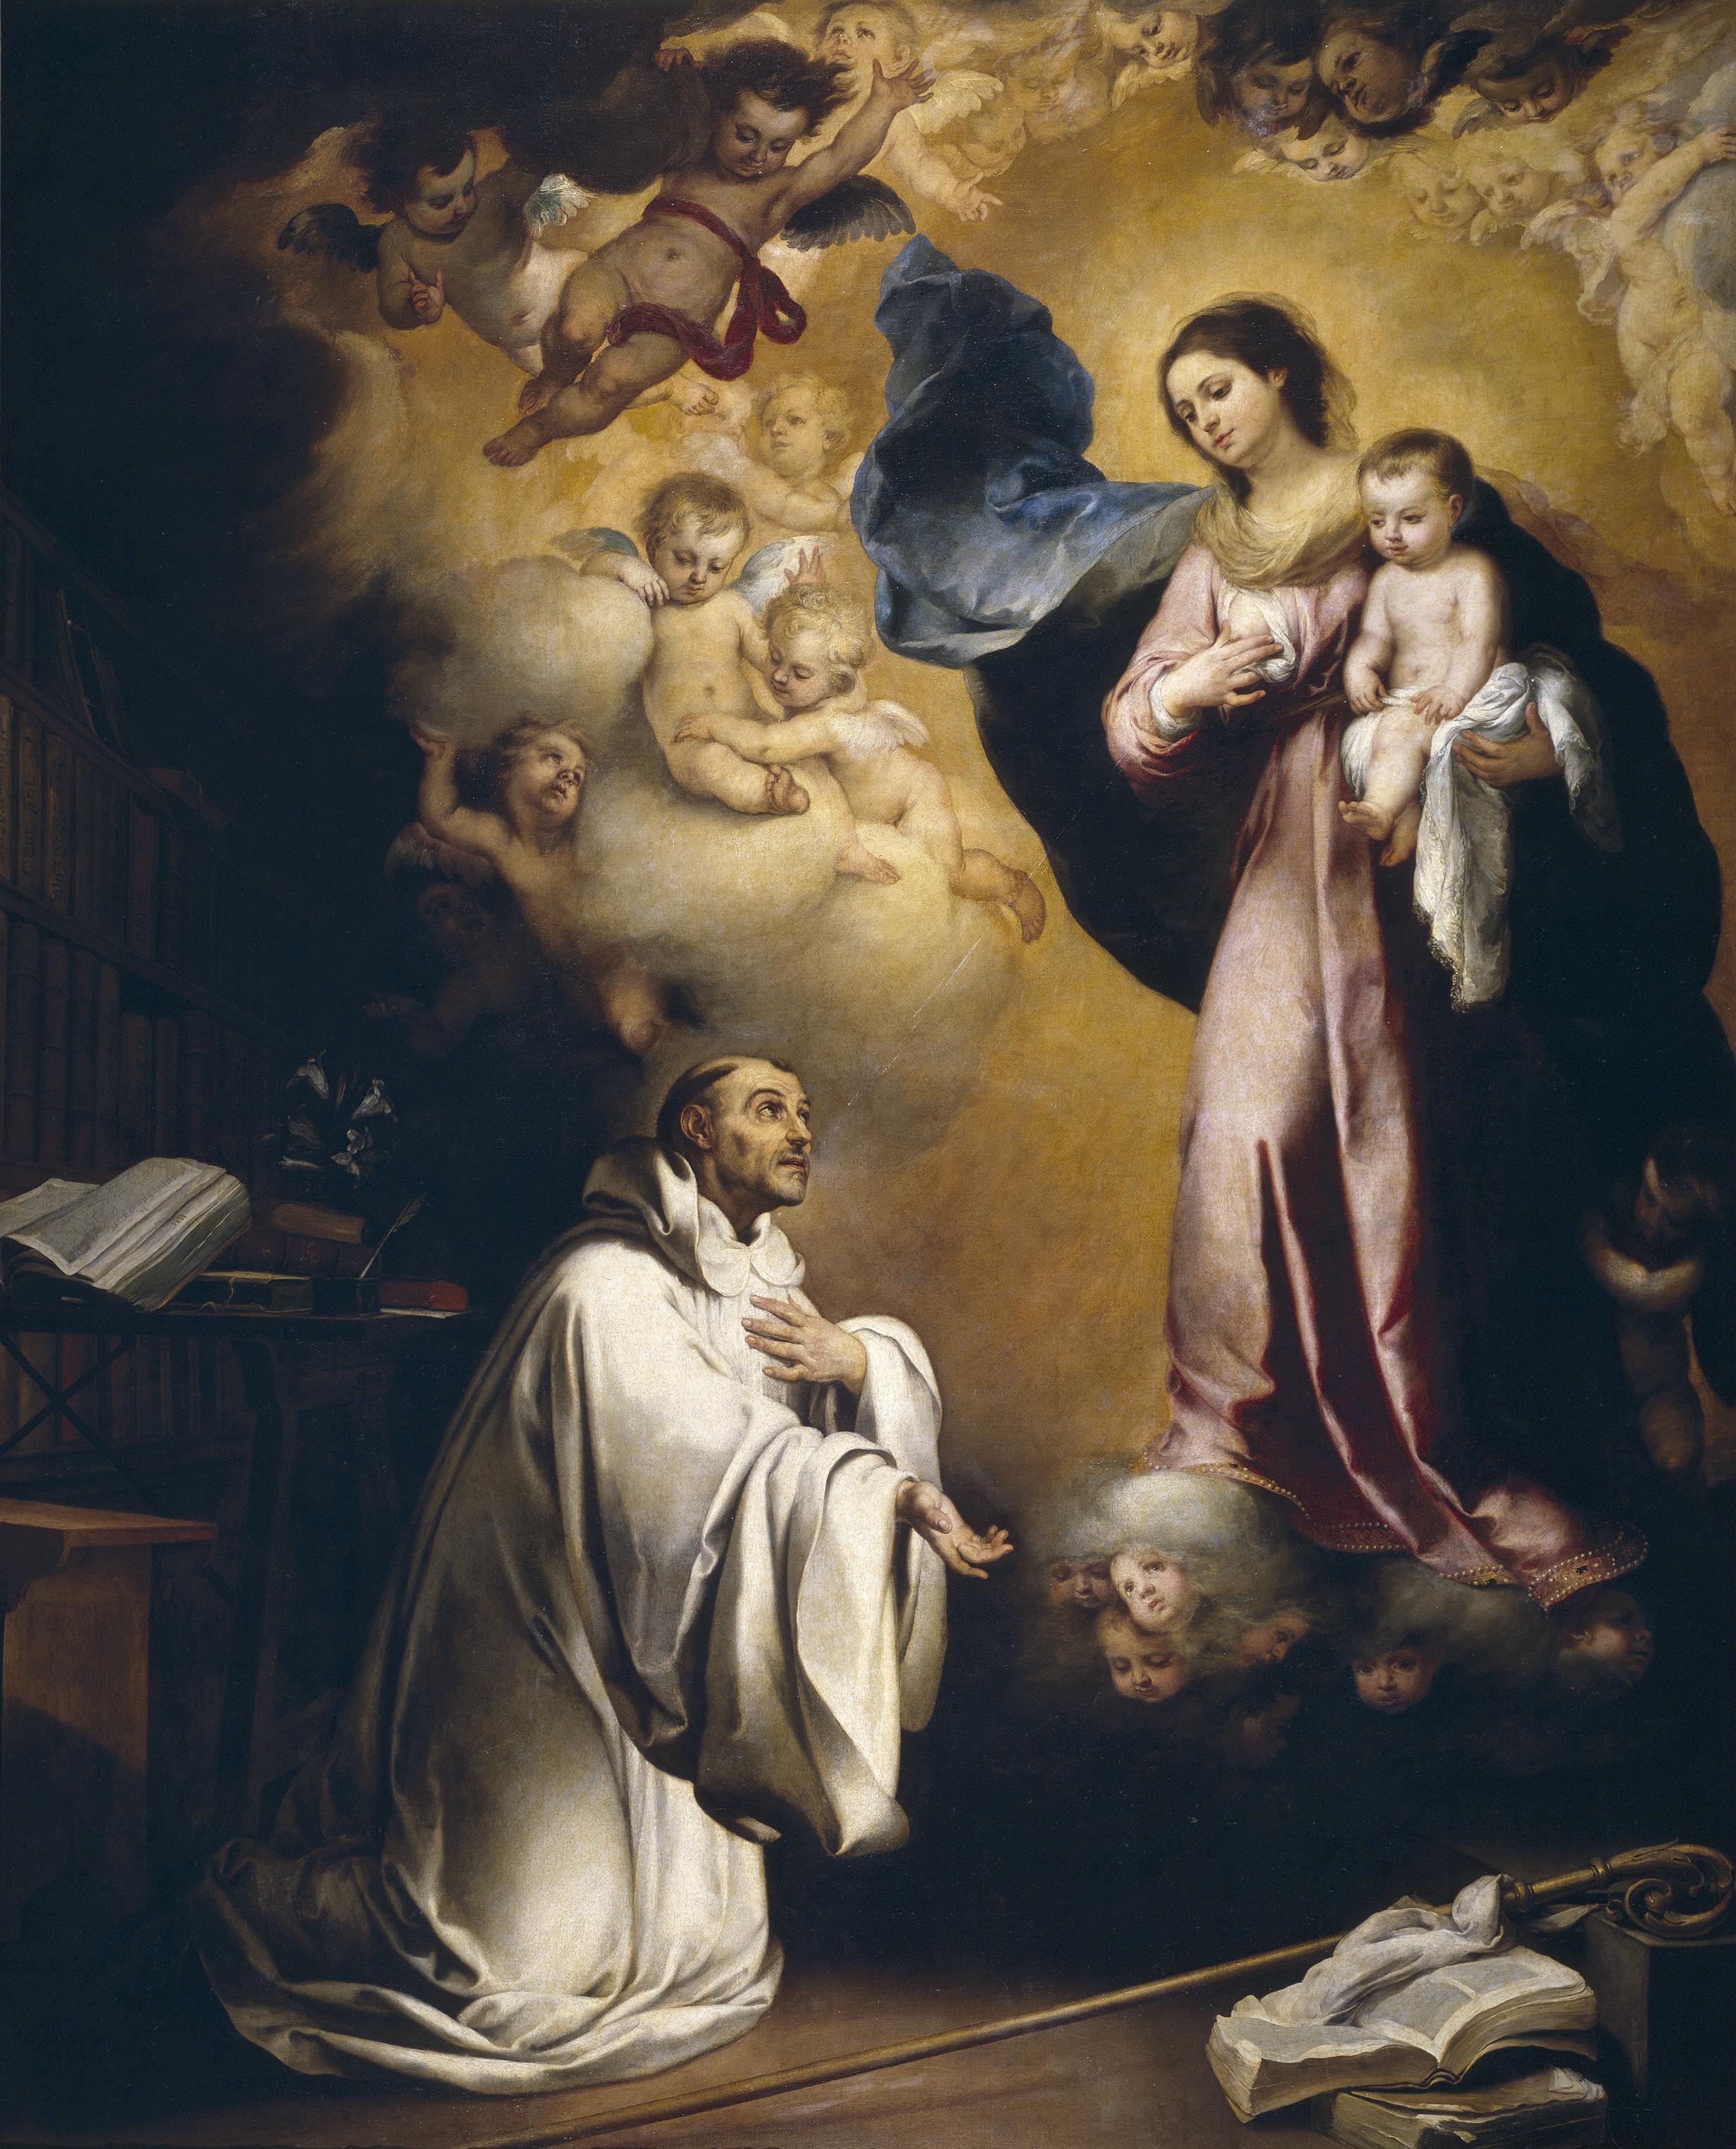 Archivo:Aparición de la Virgen a san Bernardo.jpg - Wikipedia, la  enciclopedia libre